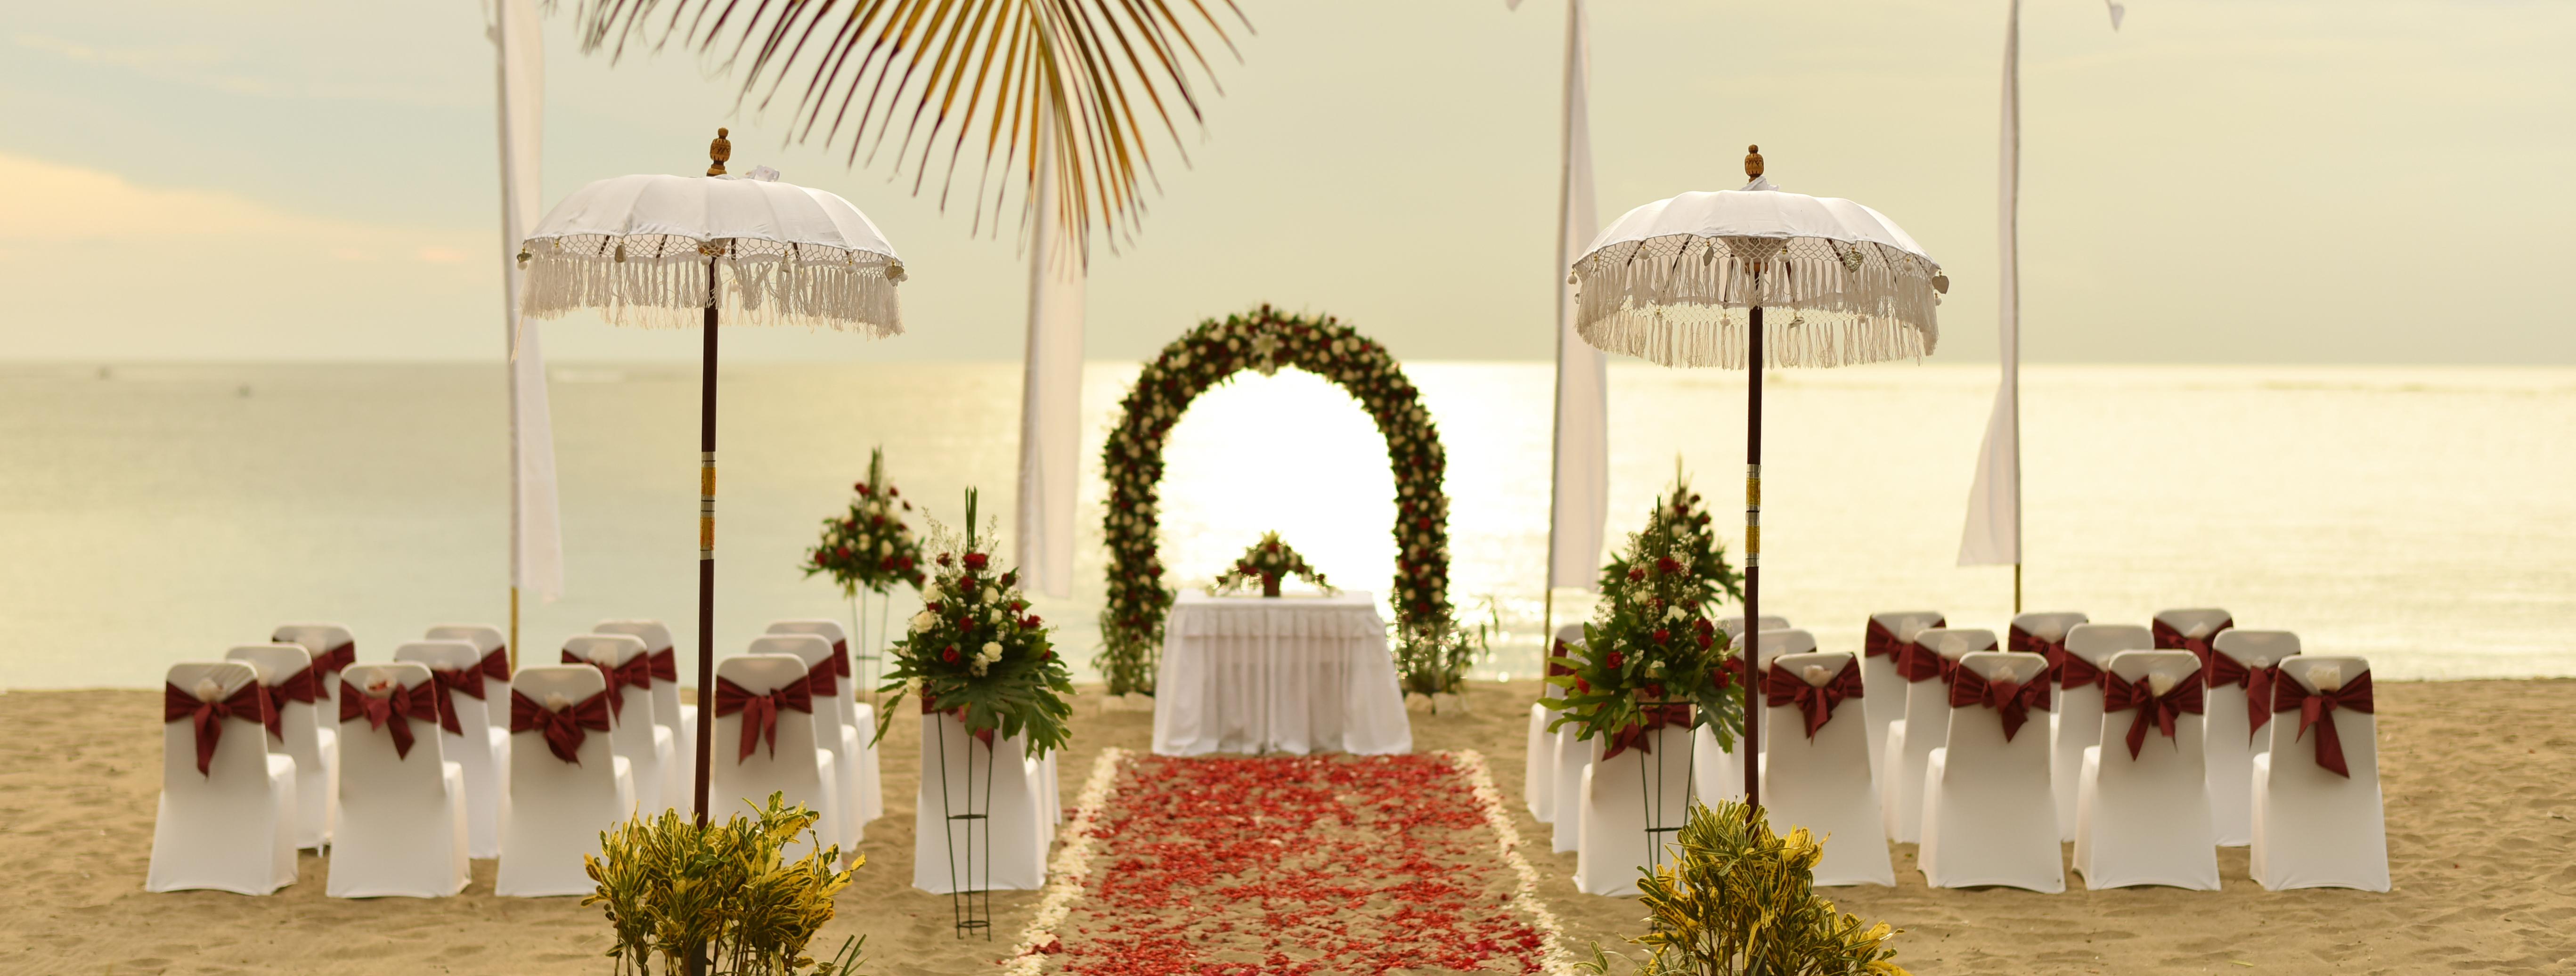 Patra Jasa Bali Resort & Villasパトラ・ジャサ・バリ・リゾート&ヴィラス